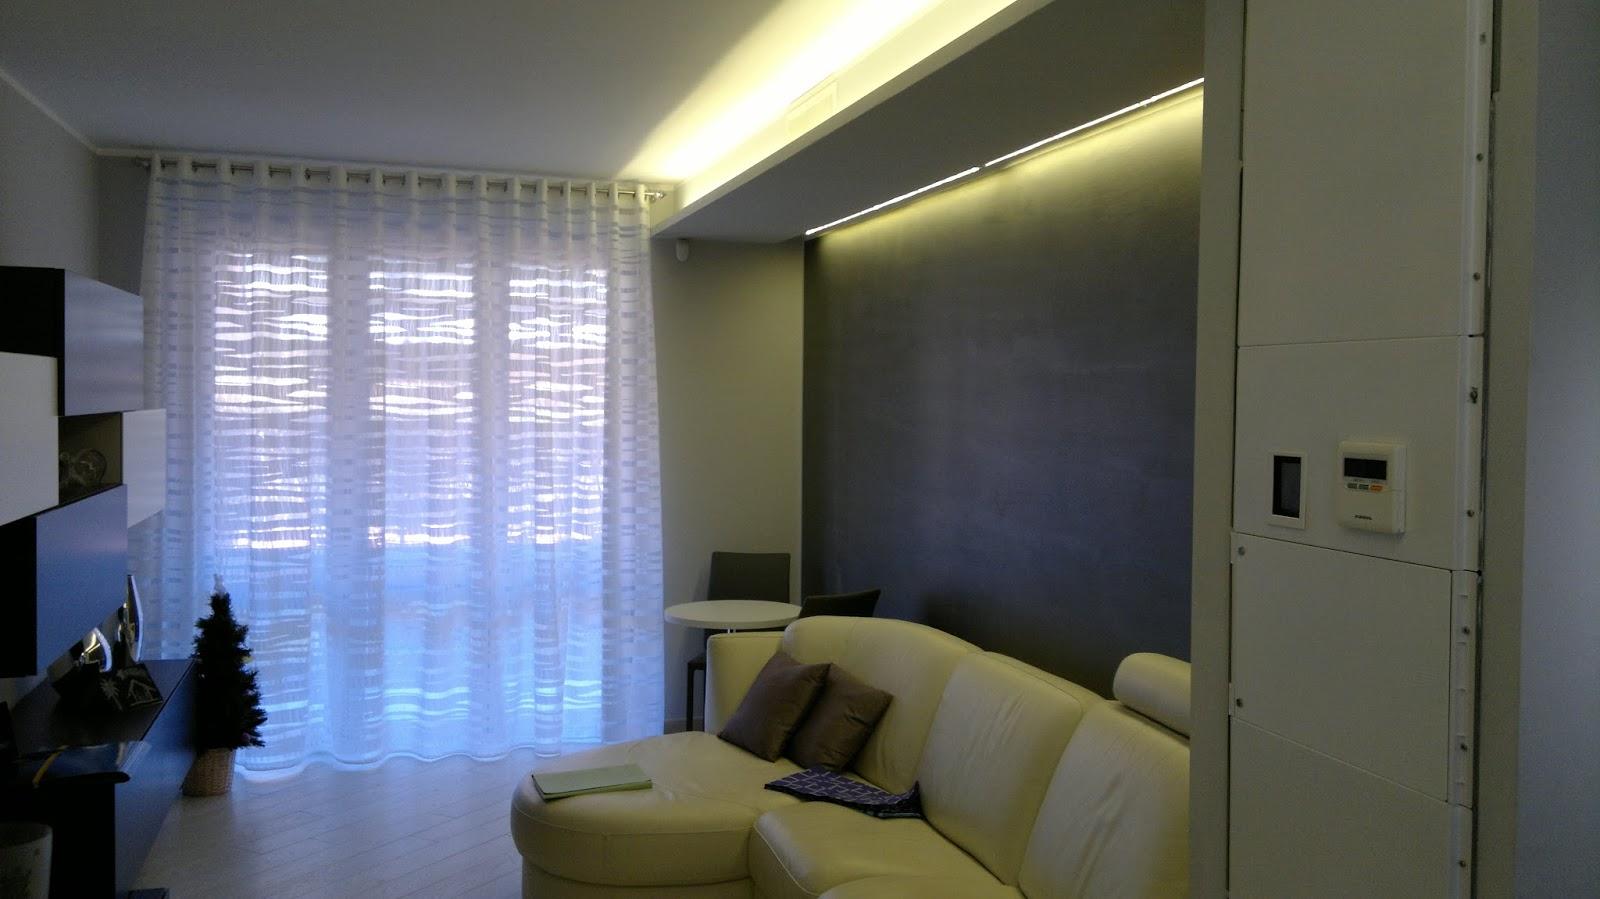 Illuminazione led casa: utilizzo del controsoffitto con l